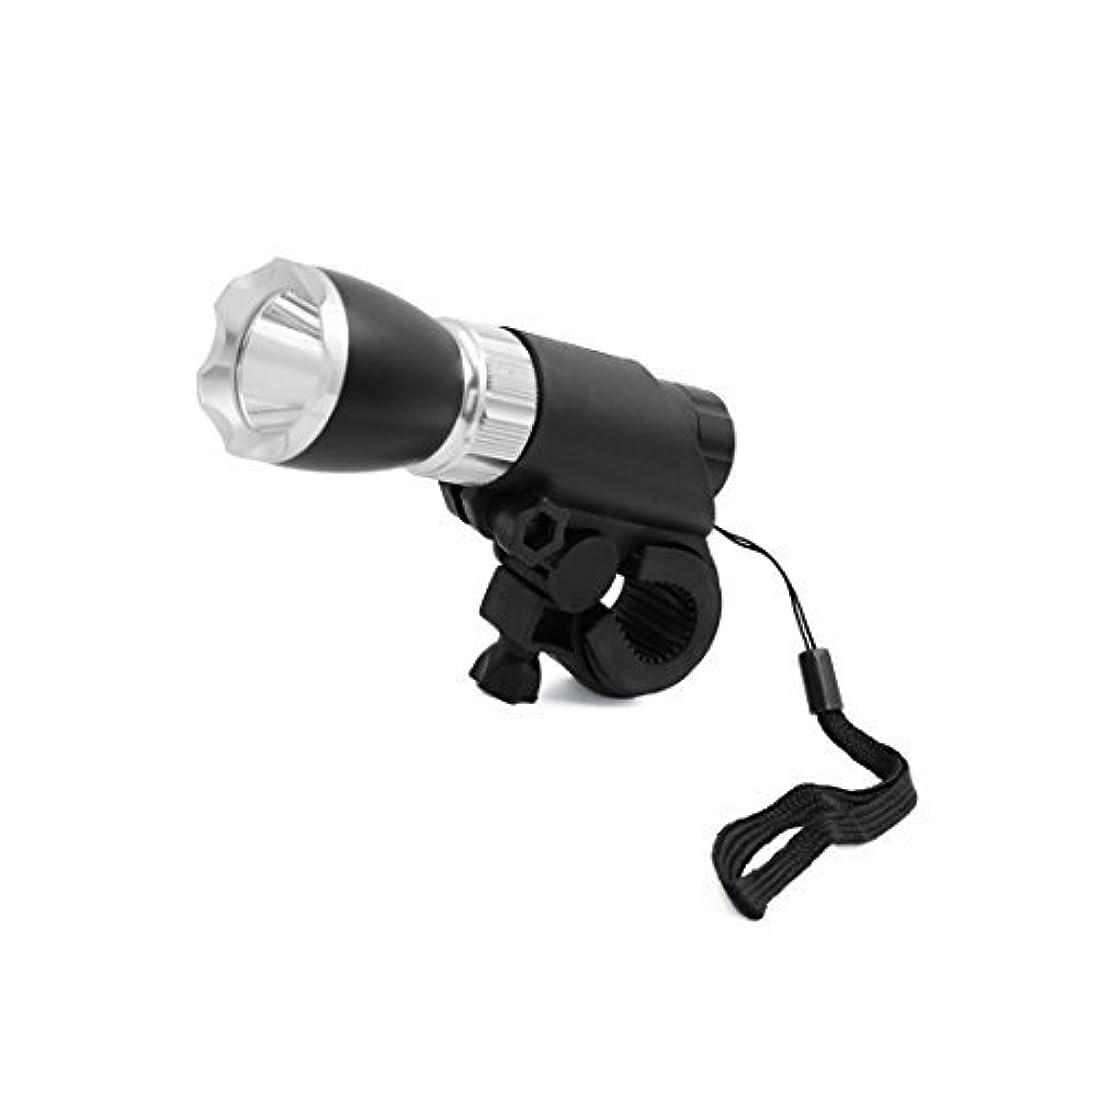 酸化する温度計南極DealMuxサイクリング自転車自転車白色LEDトーチランプヘッドライト、フロントヘッドライト